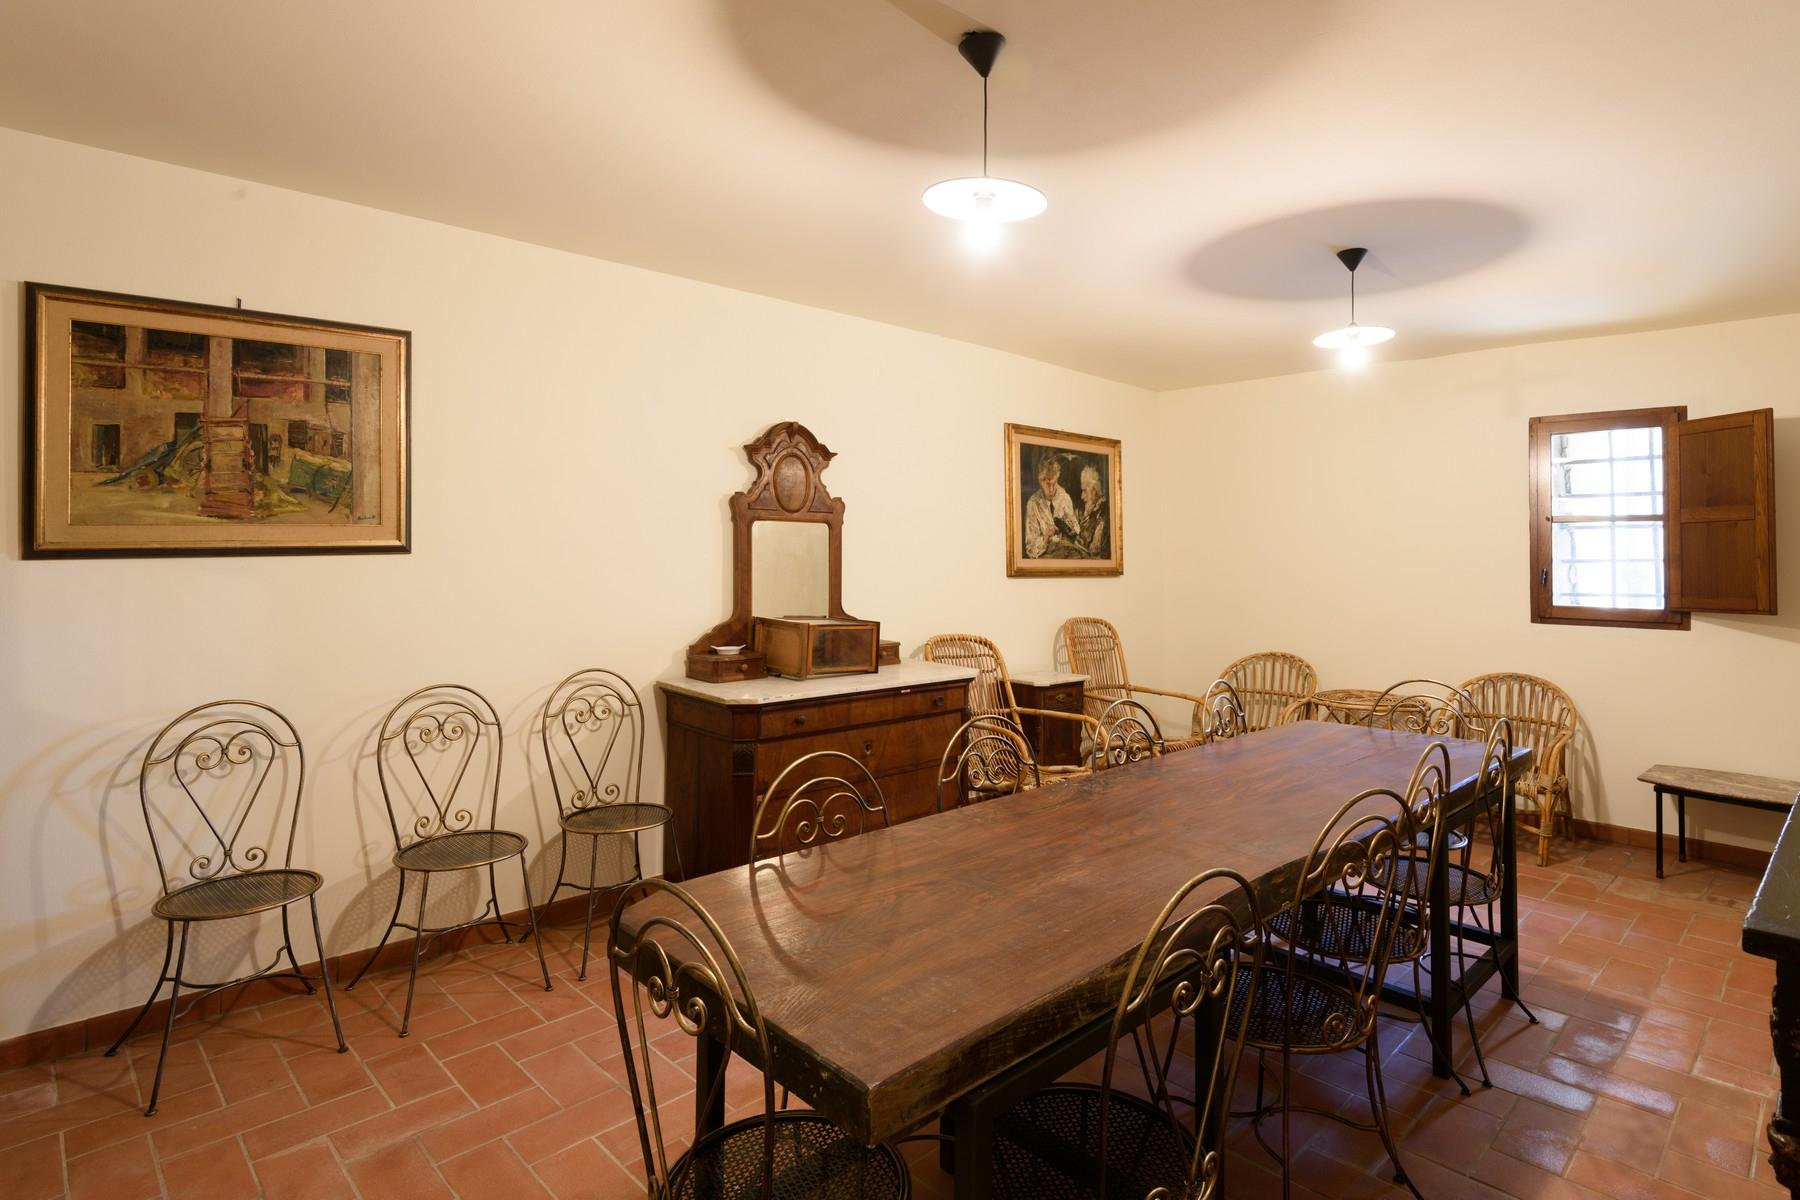 Val di Chiana中心地带10世纪的建筑 - 16